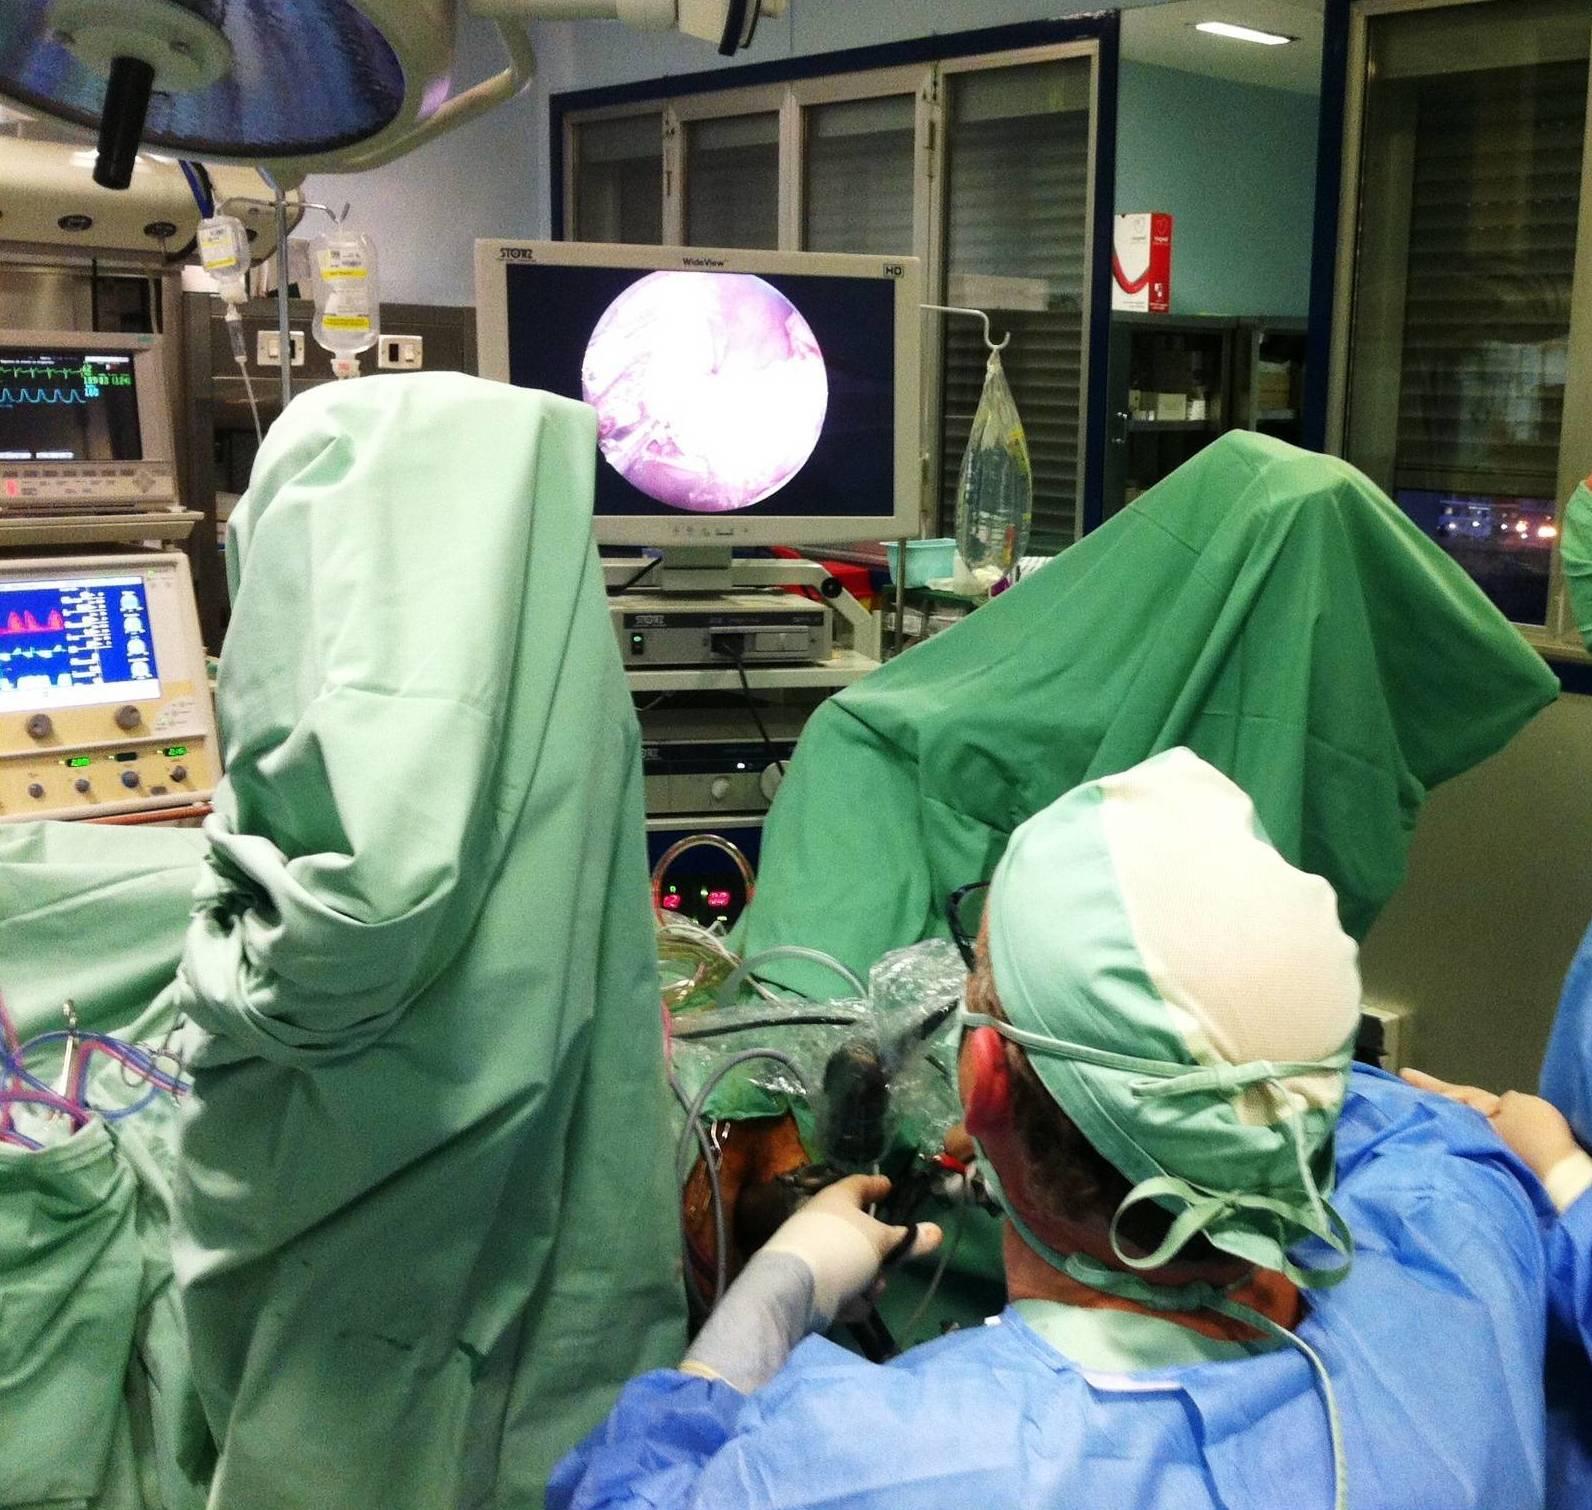 Cirugía Endoscópica Transanal Mínimamente Invasiva